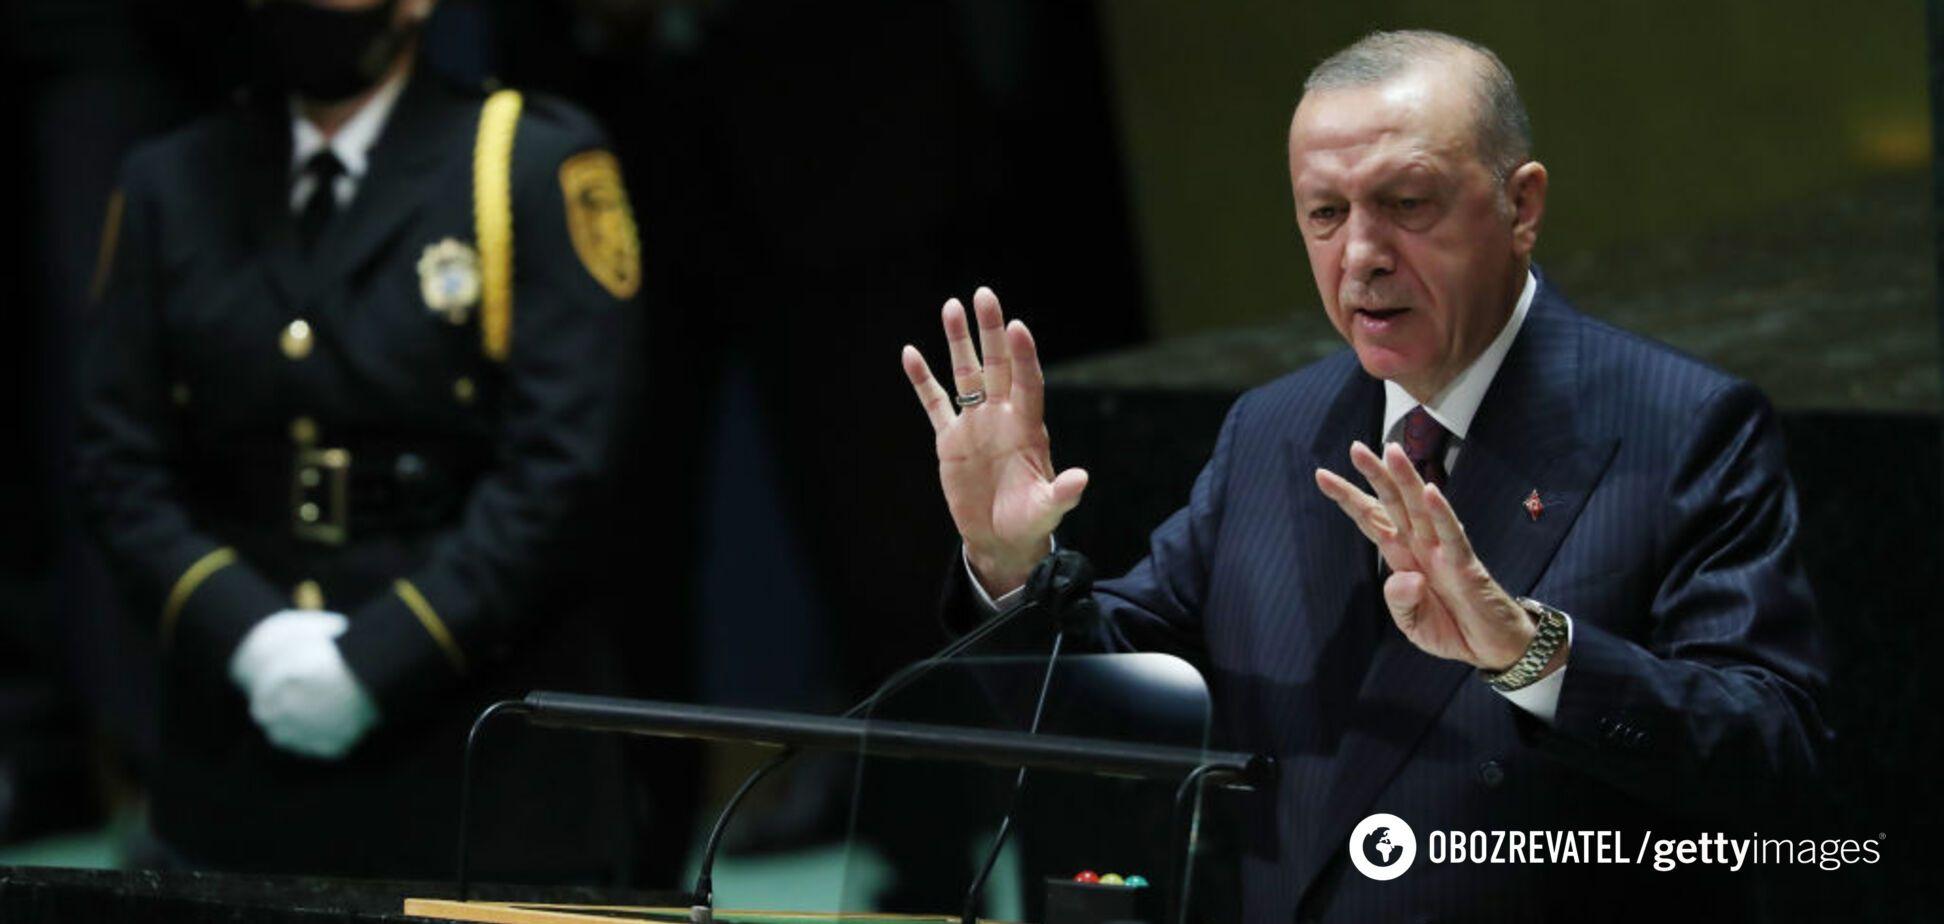 Ердоган заявив, що Туреччина не визнає анексію Криму: в Росії відреагували